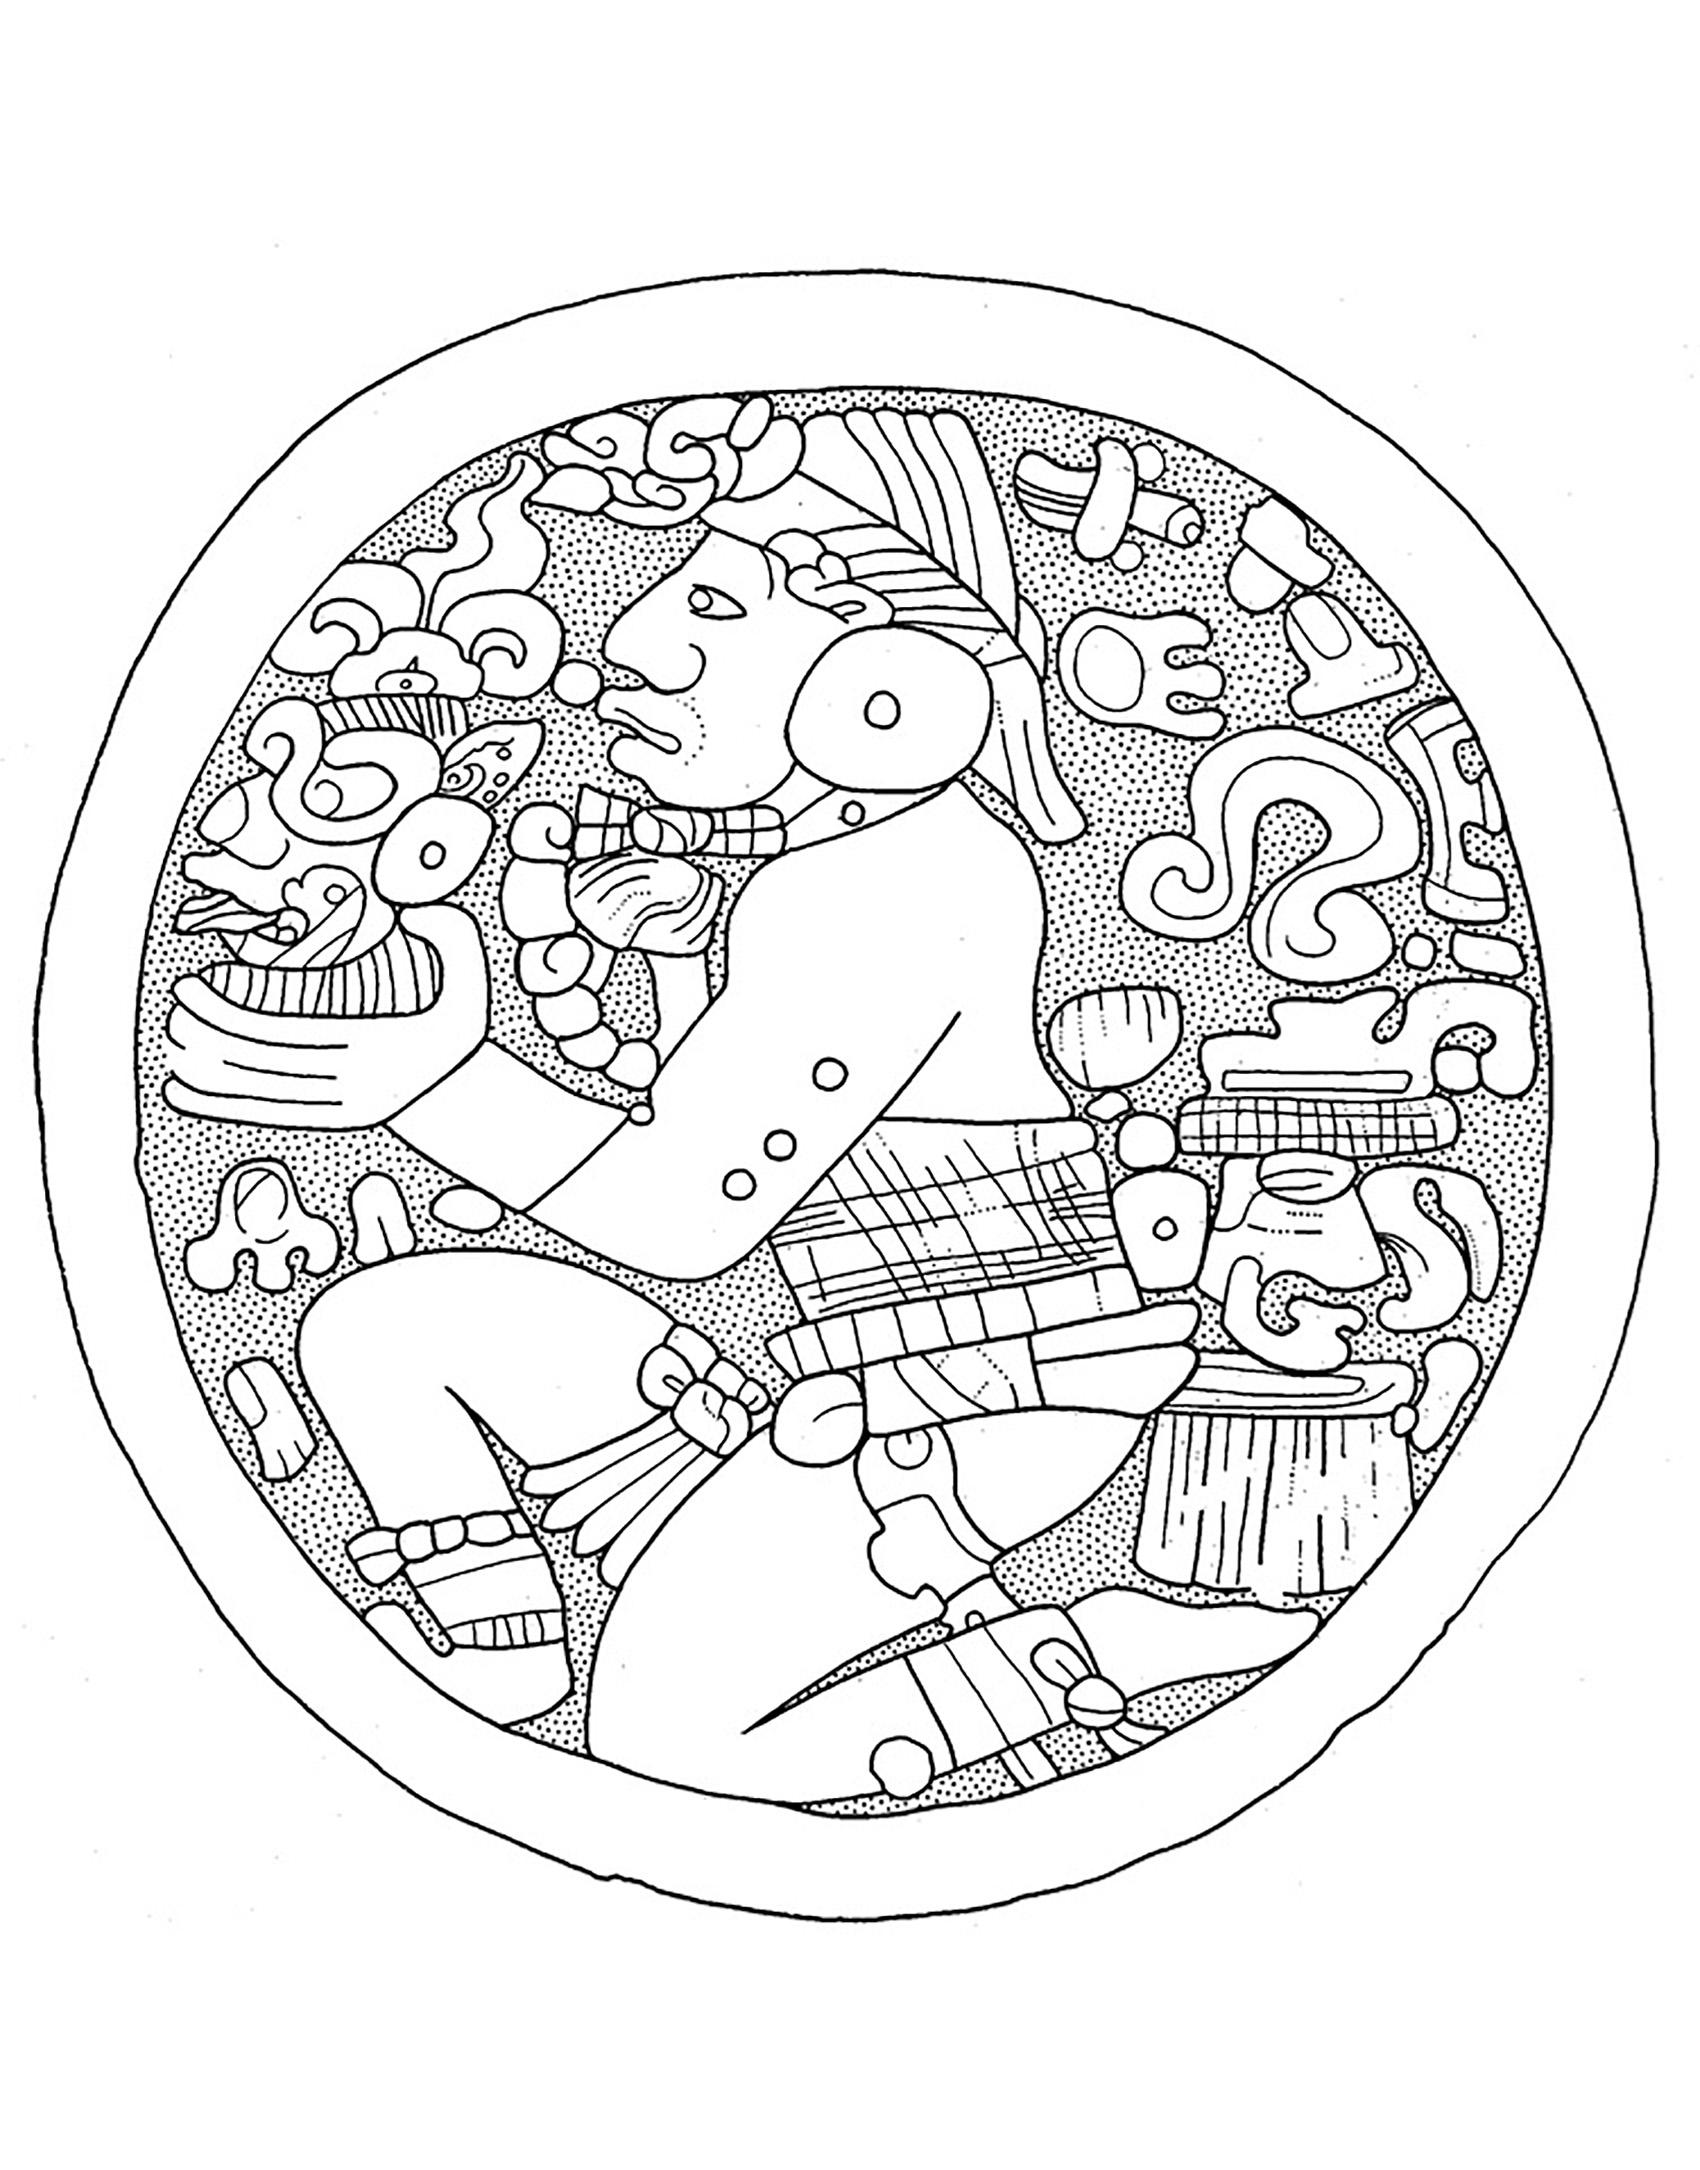 Mayas aztecas e incas 17028 - Mayas, Aztecas e Incas - Colorear para ...